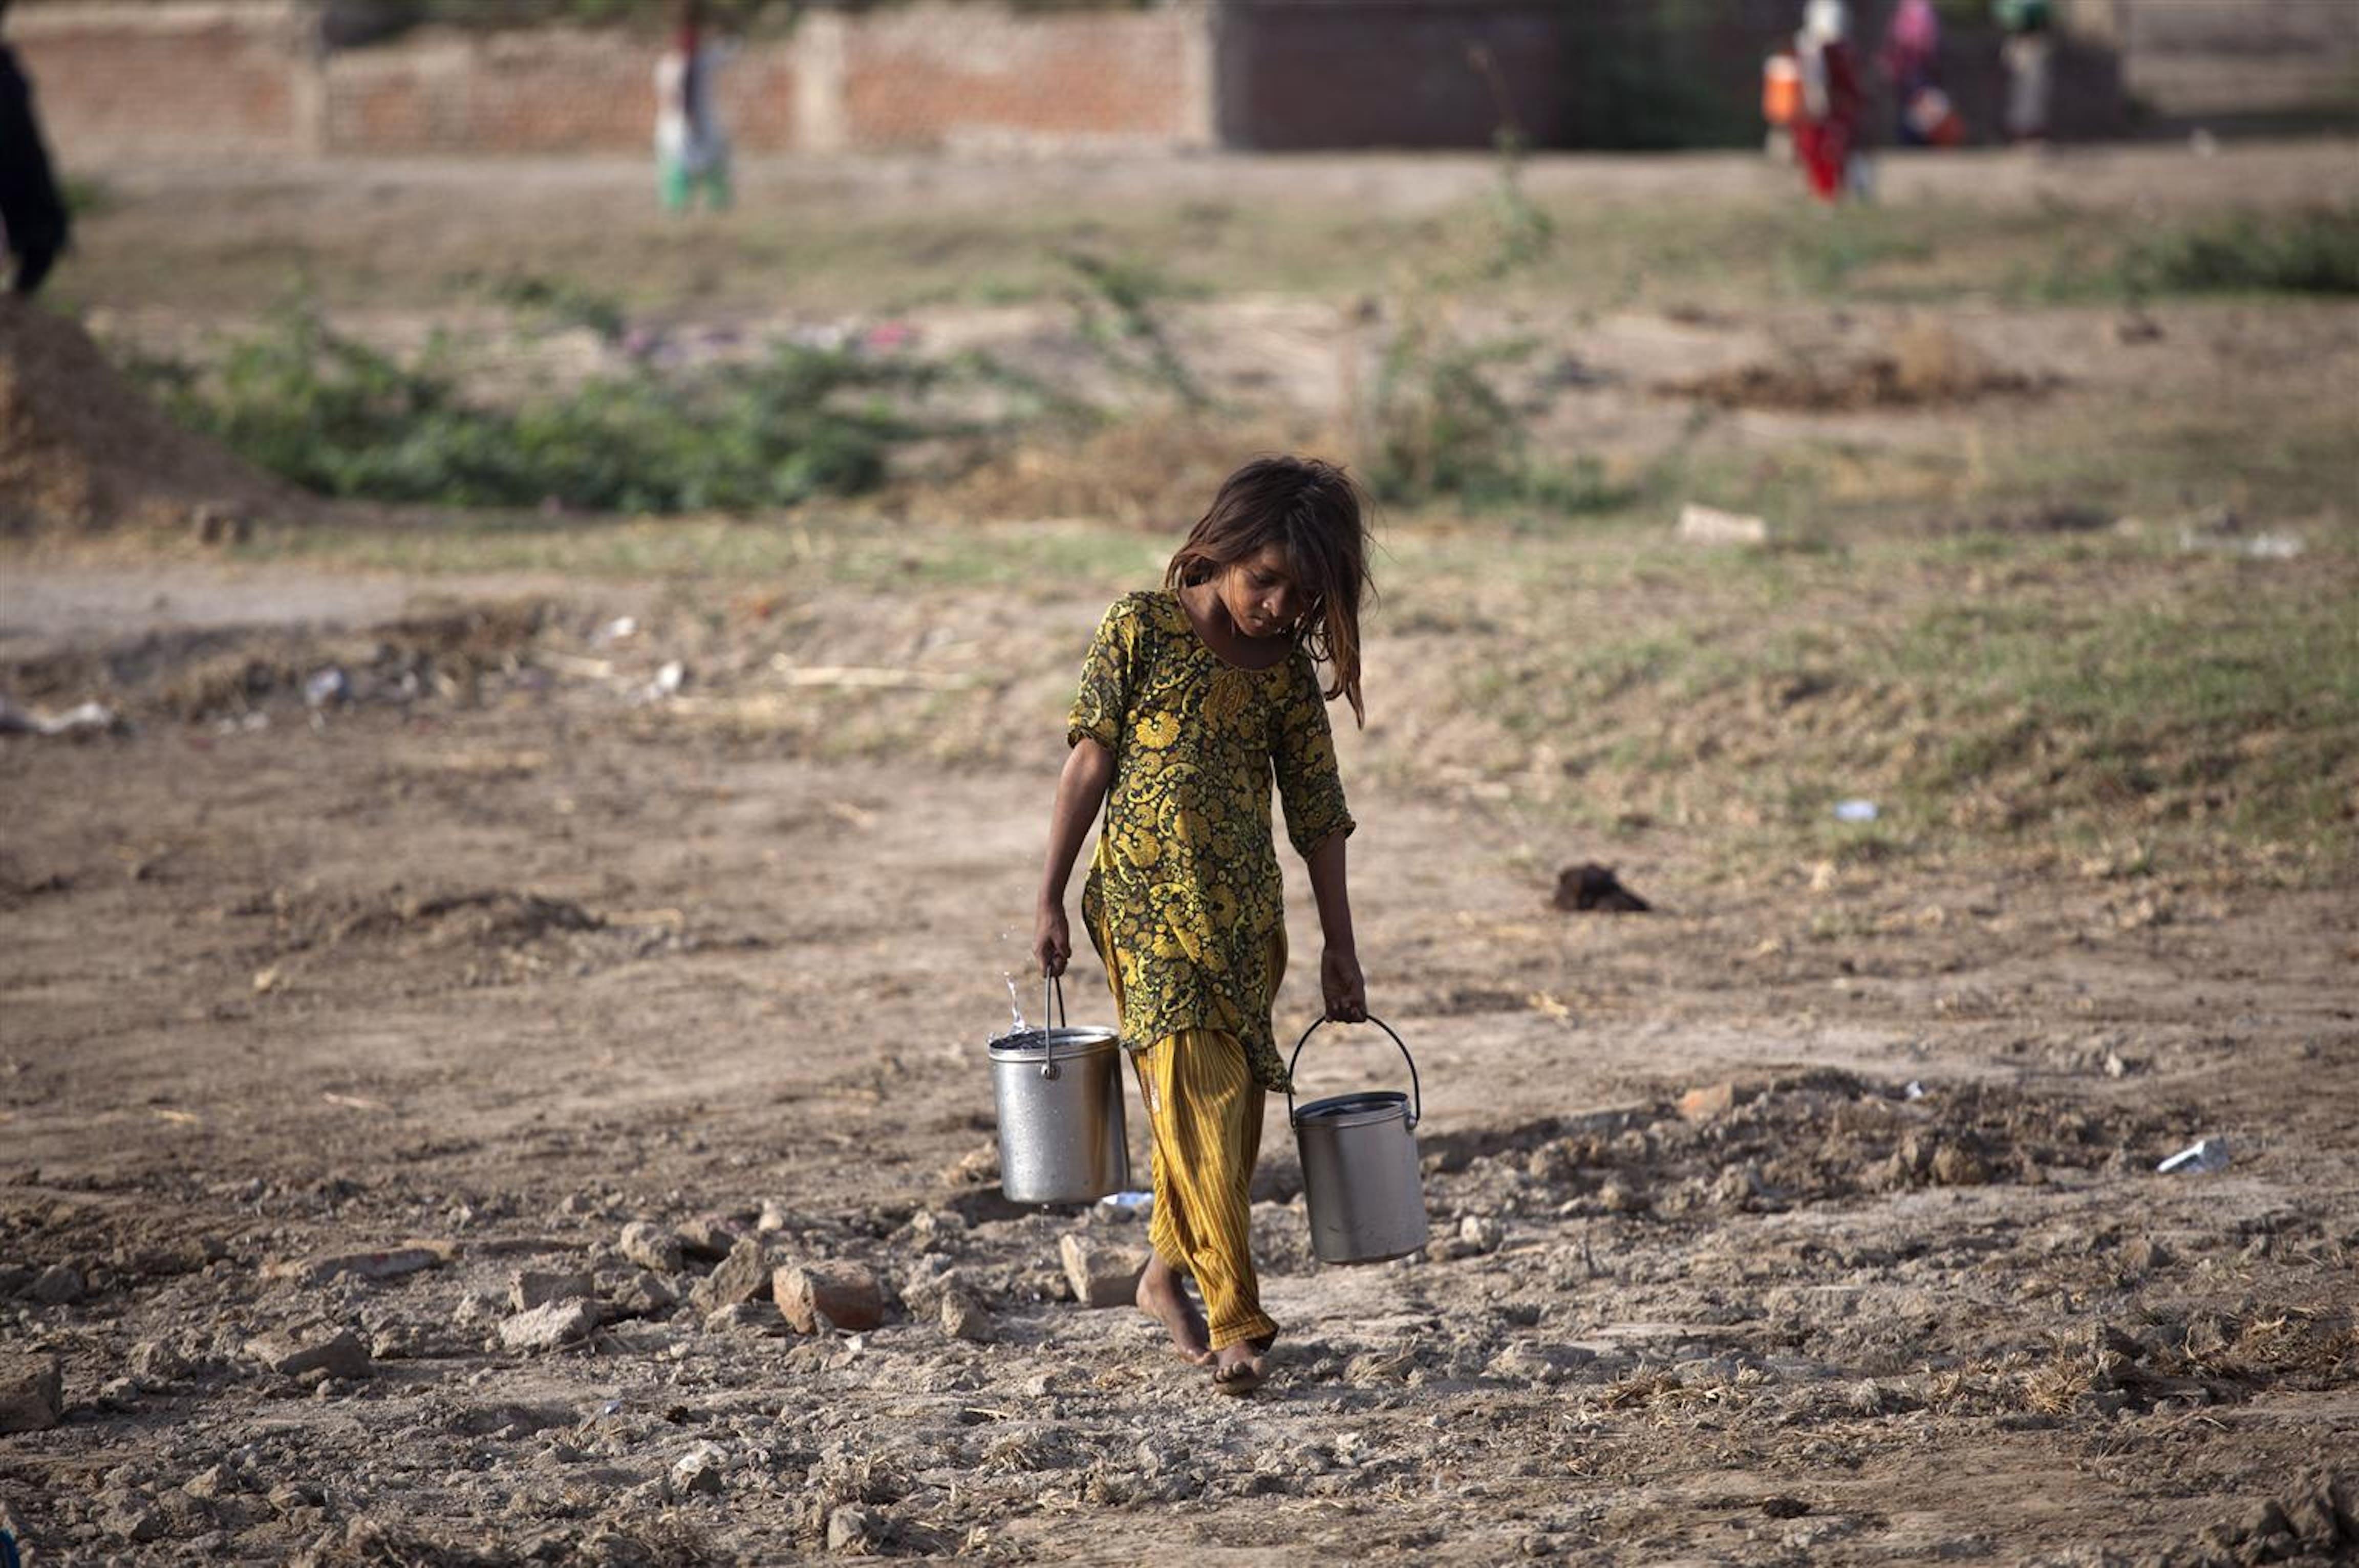 Pakistan. Una delle priorità dell'UNICEF è garantire acqua potabile alla popolazione colpita dall'alluvione ©UNICEF